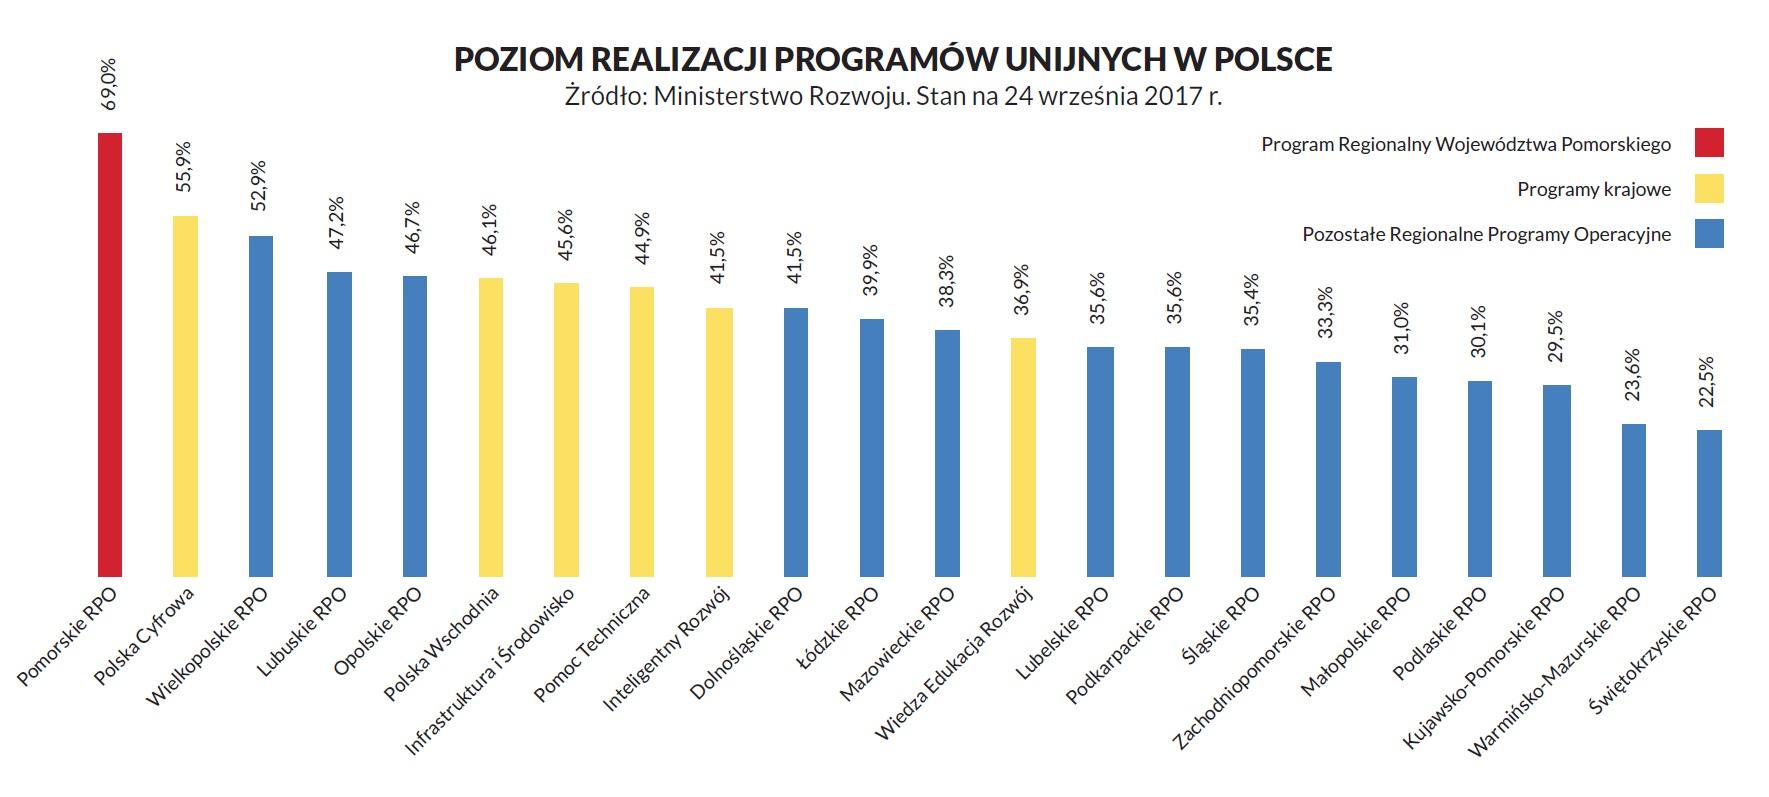 wykres przedstawiający poziom realizacji programów unijnych w Polsce